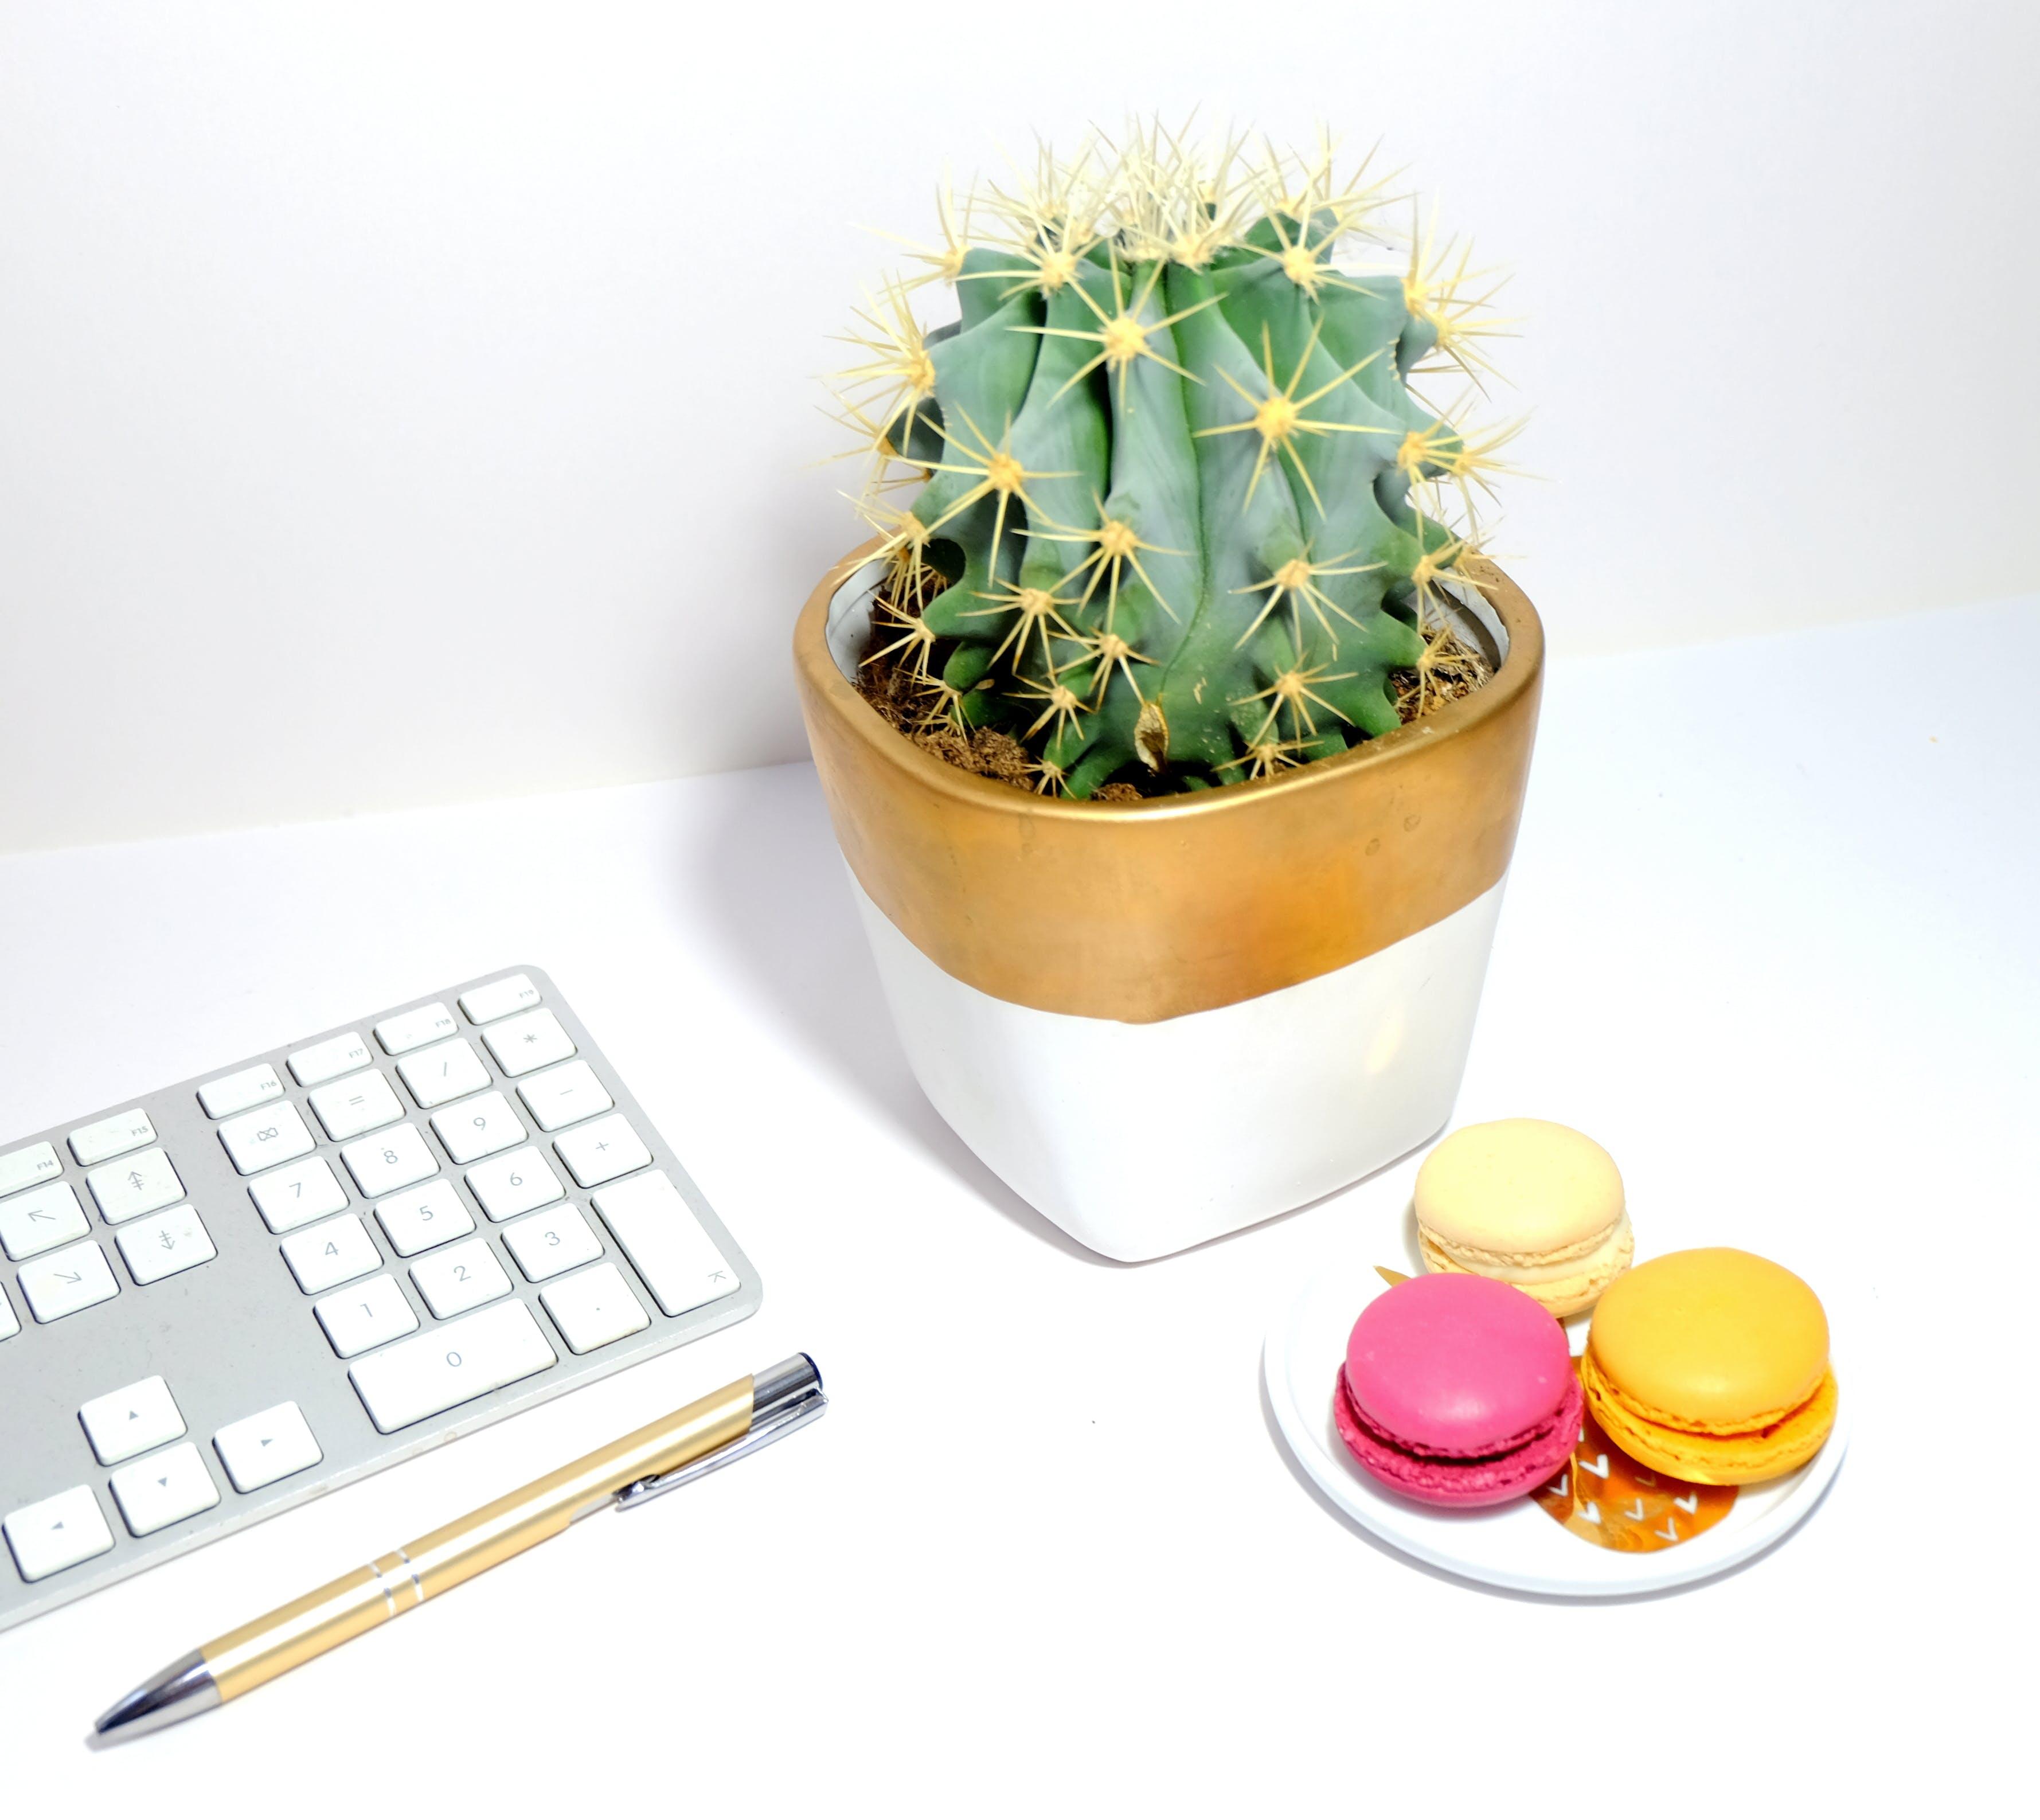 Бесплатное стоковое фото с горшечное растение, завод, кактус, клавиатура